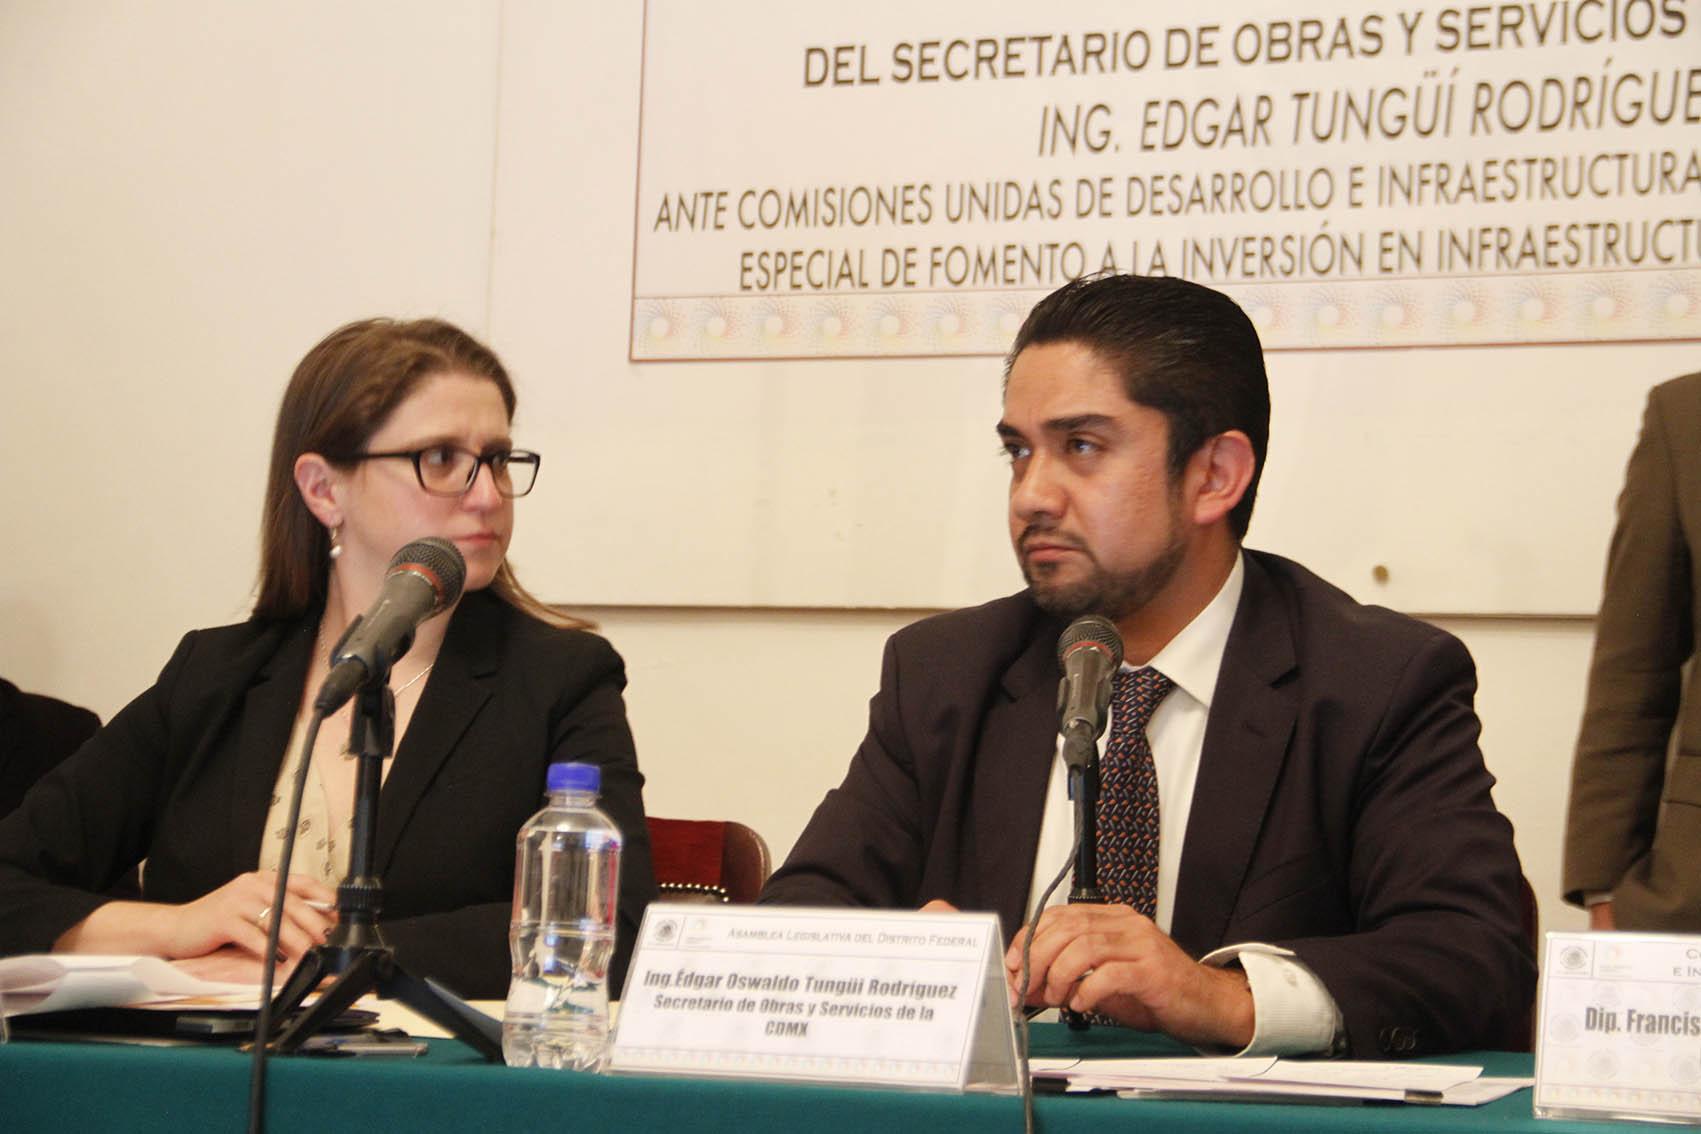 COMPARECENCIA SECRETARIO DE OBRAS Y SERVICIOS EN LA ALDF 01.JPG